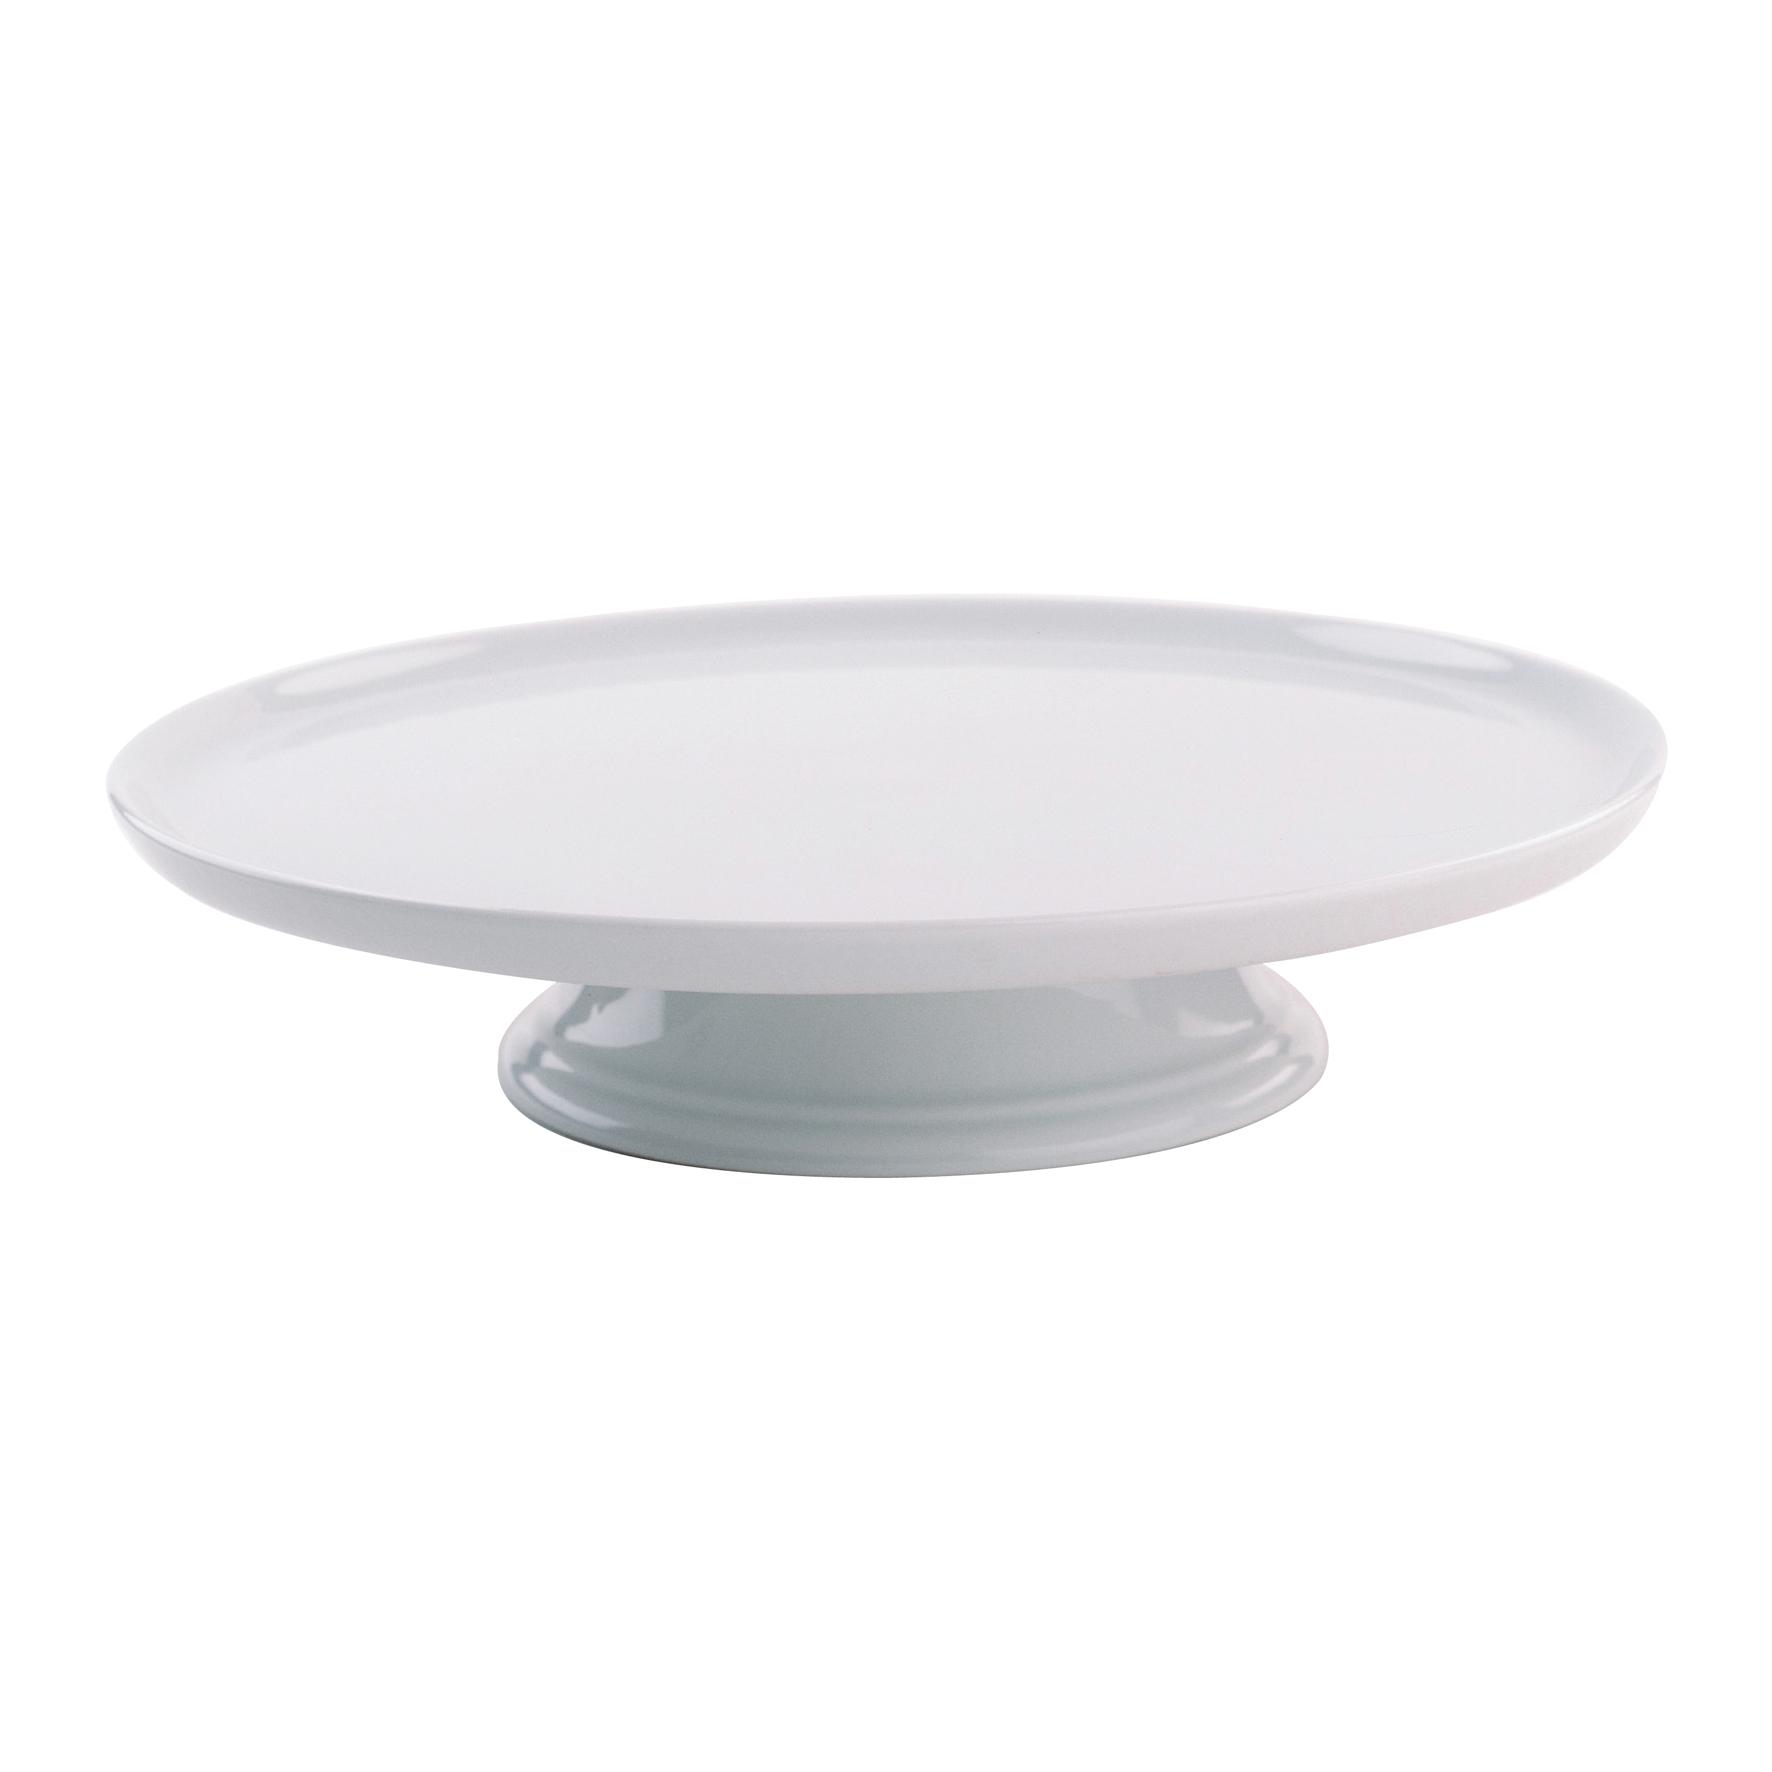 Pillivuyt vitt Tårtfat på fot 30 cm